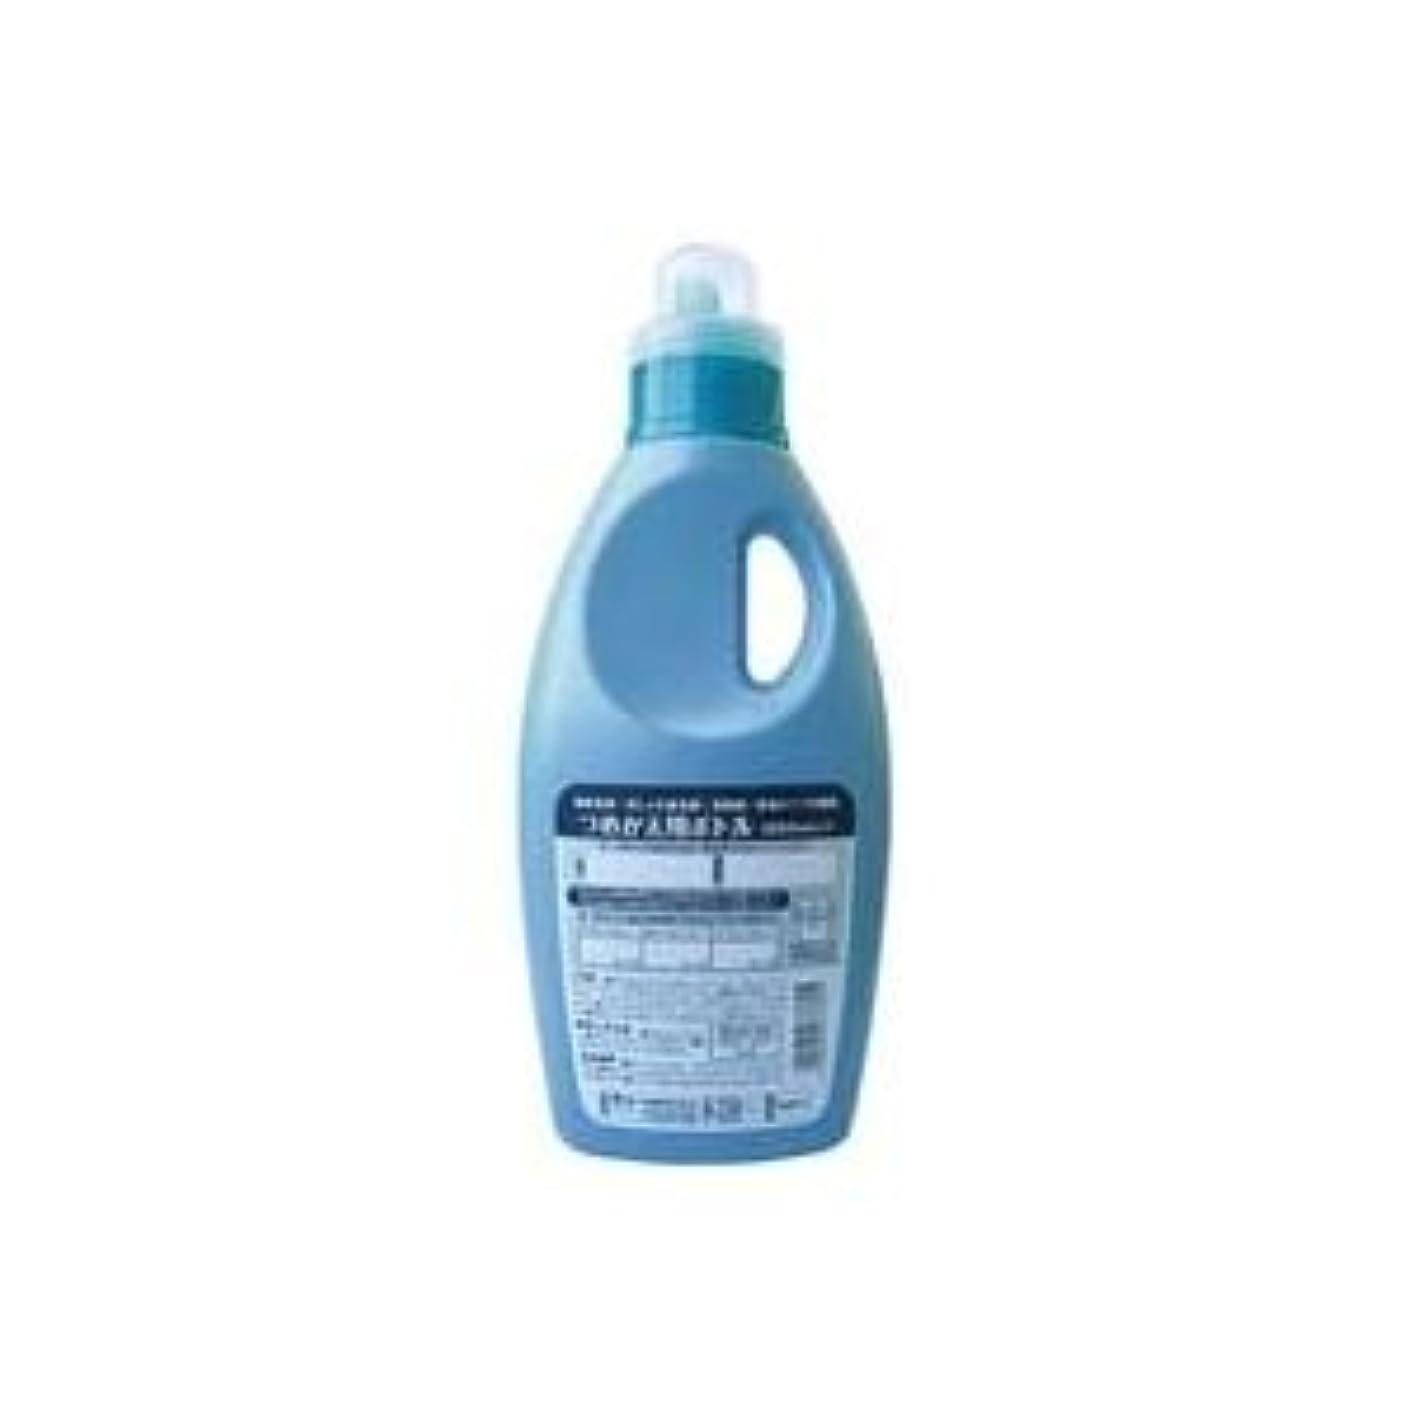 示すロバ入射(業務用20セット)第一石鹸 液体洗剤用空ボトル800ml